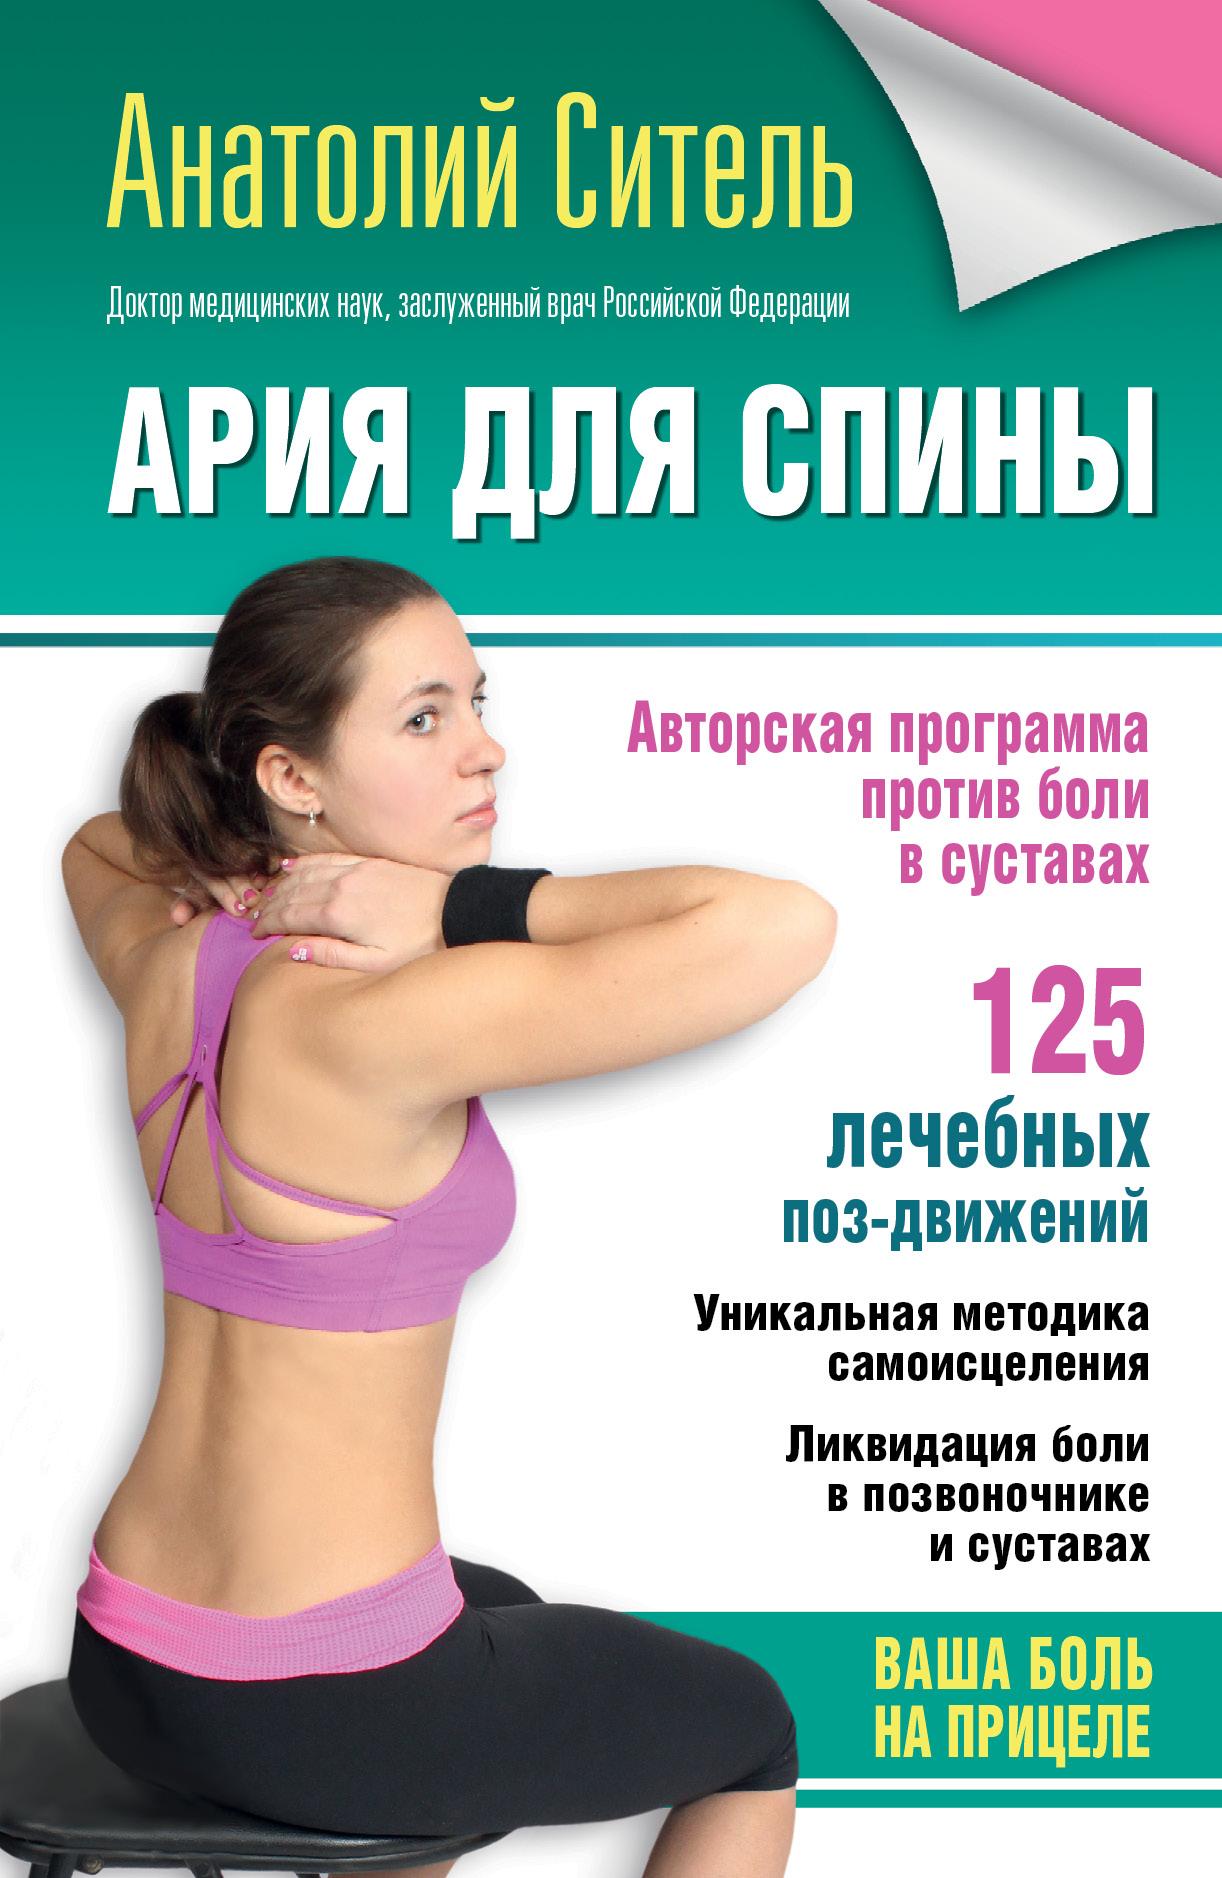 Болят суставы лрограма здоровье можно ли лечить голеностопный сустав содовыми примочками